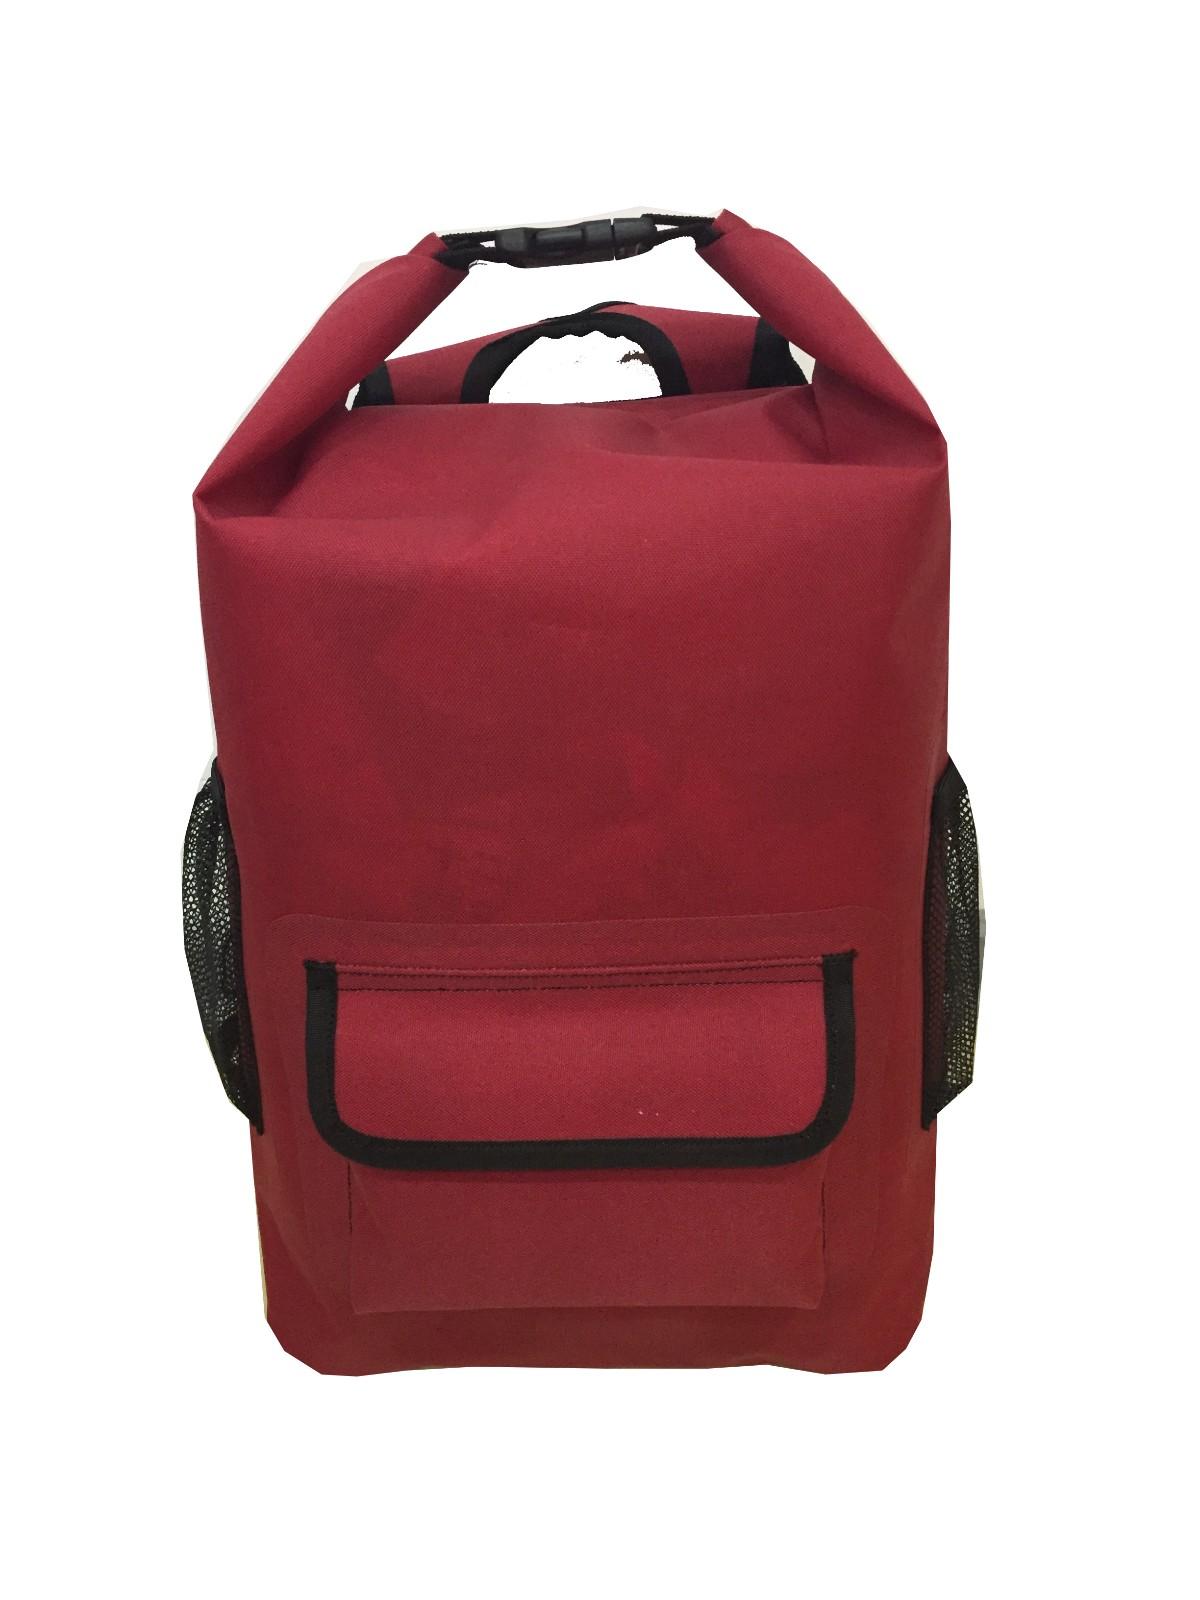 래프팅 드라이 가방